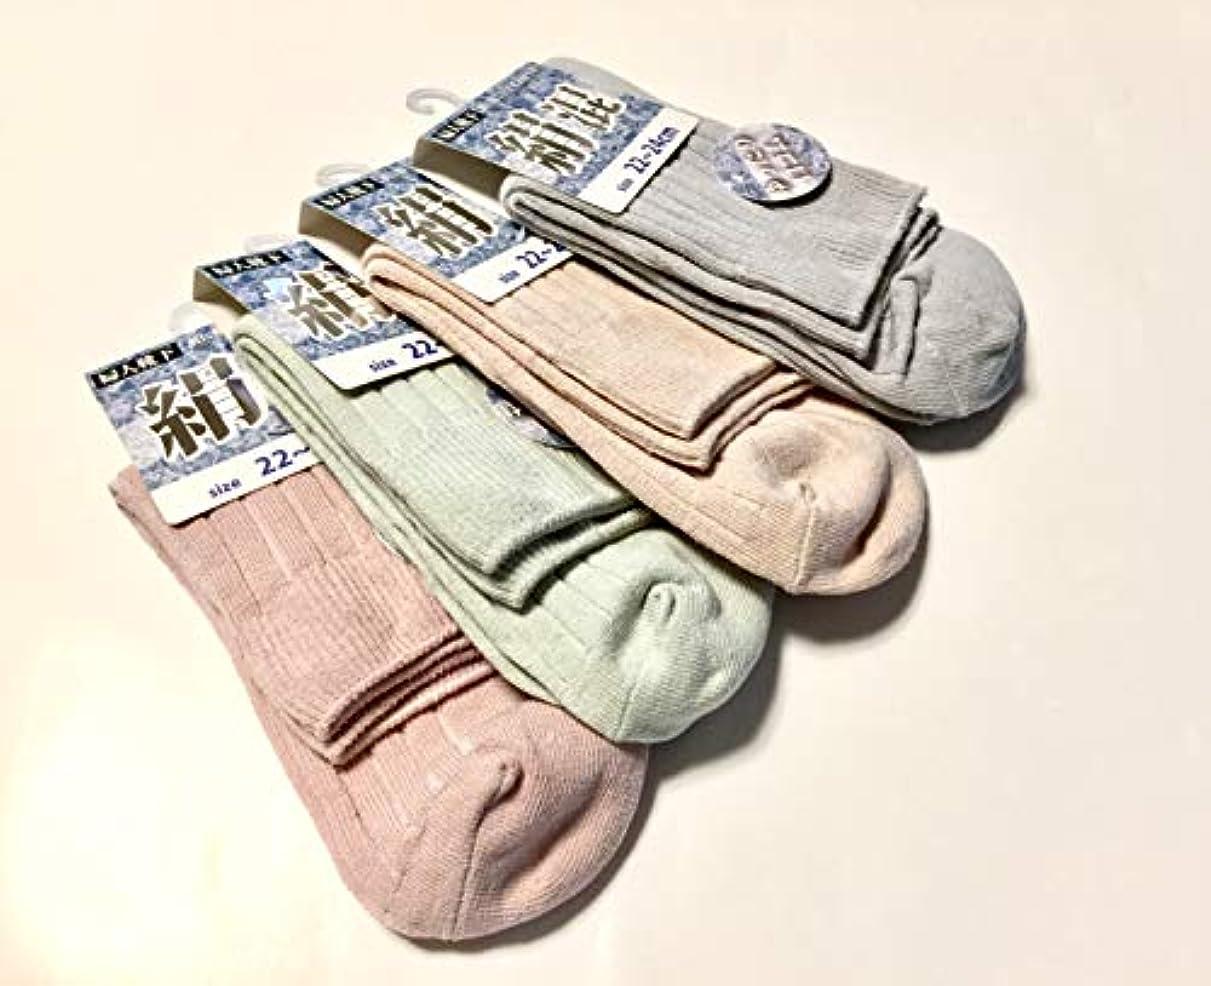 カリキュラムエーカーベット靴下 レディース シルク混 リブソックス 口ゴムゆったり 22-24cm 4足組(色はお任せ)